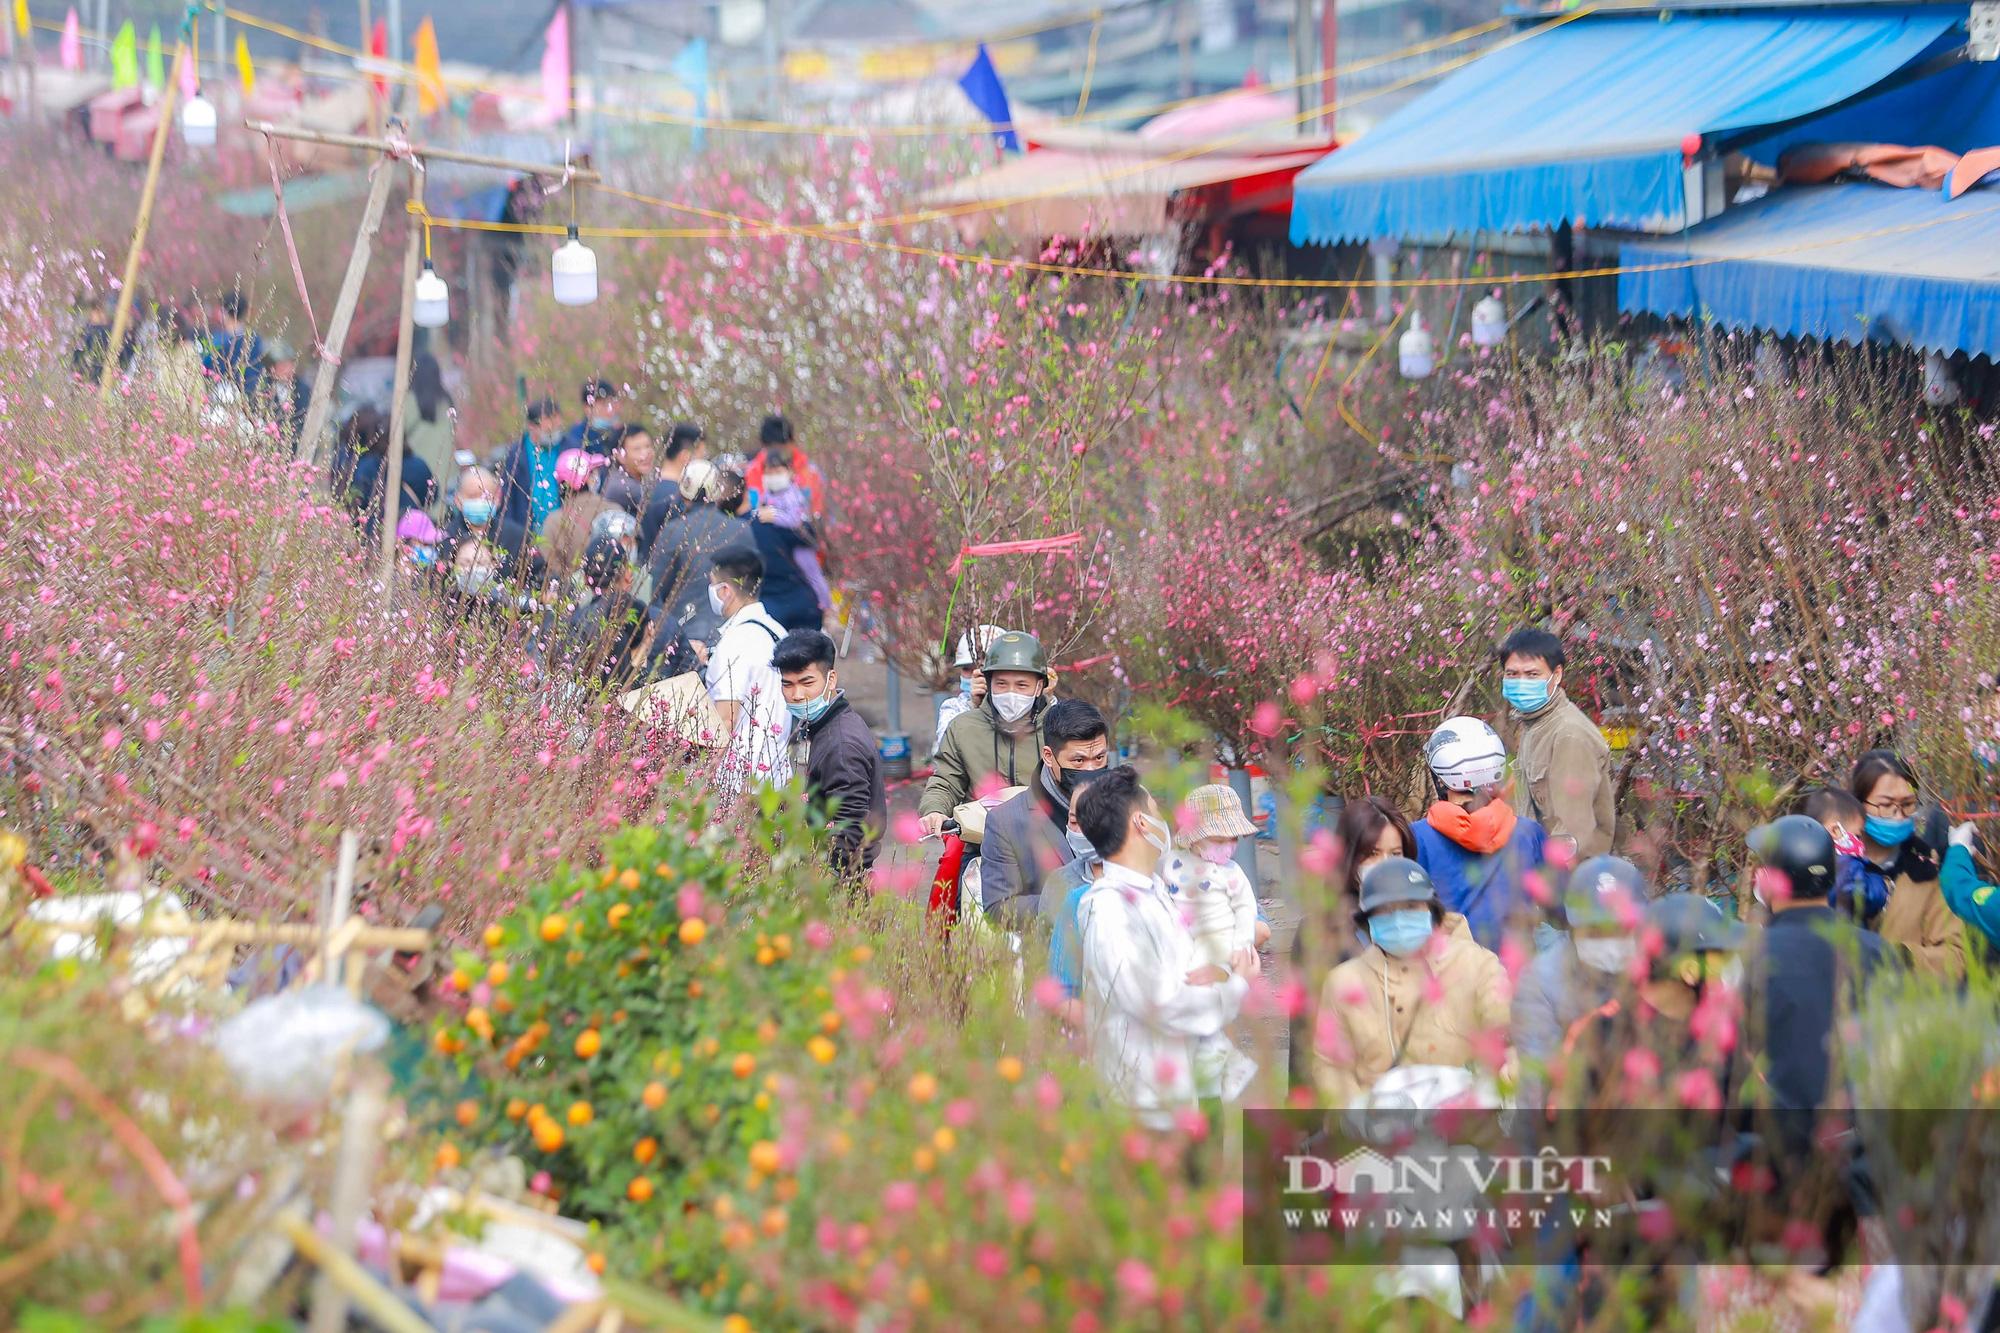 Chợ hoa Quảng Bá tấp nập những ngày cuối năm - Ảnh 1.